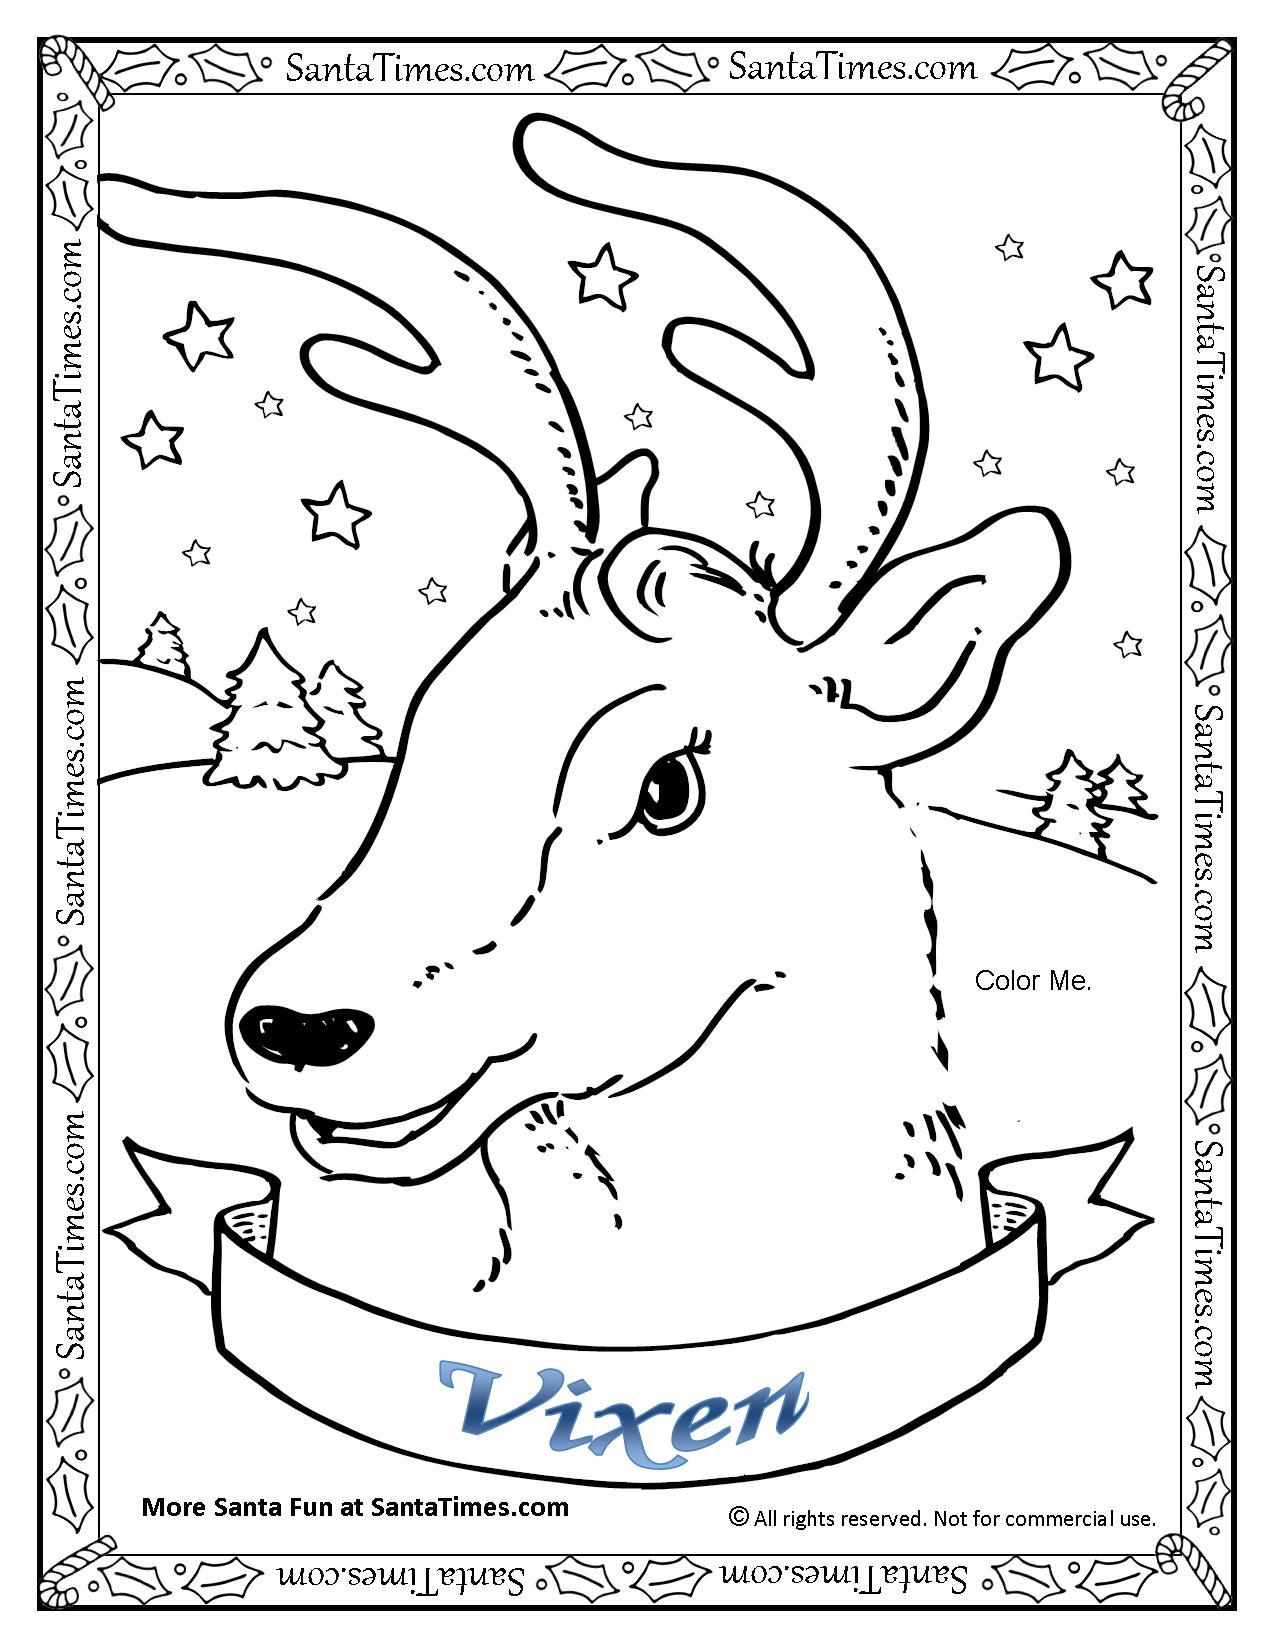 Vixen The Reindeer